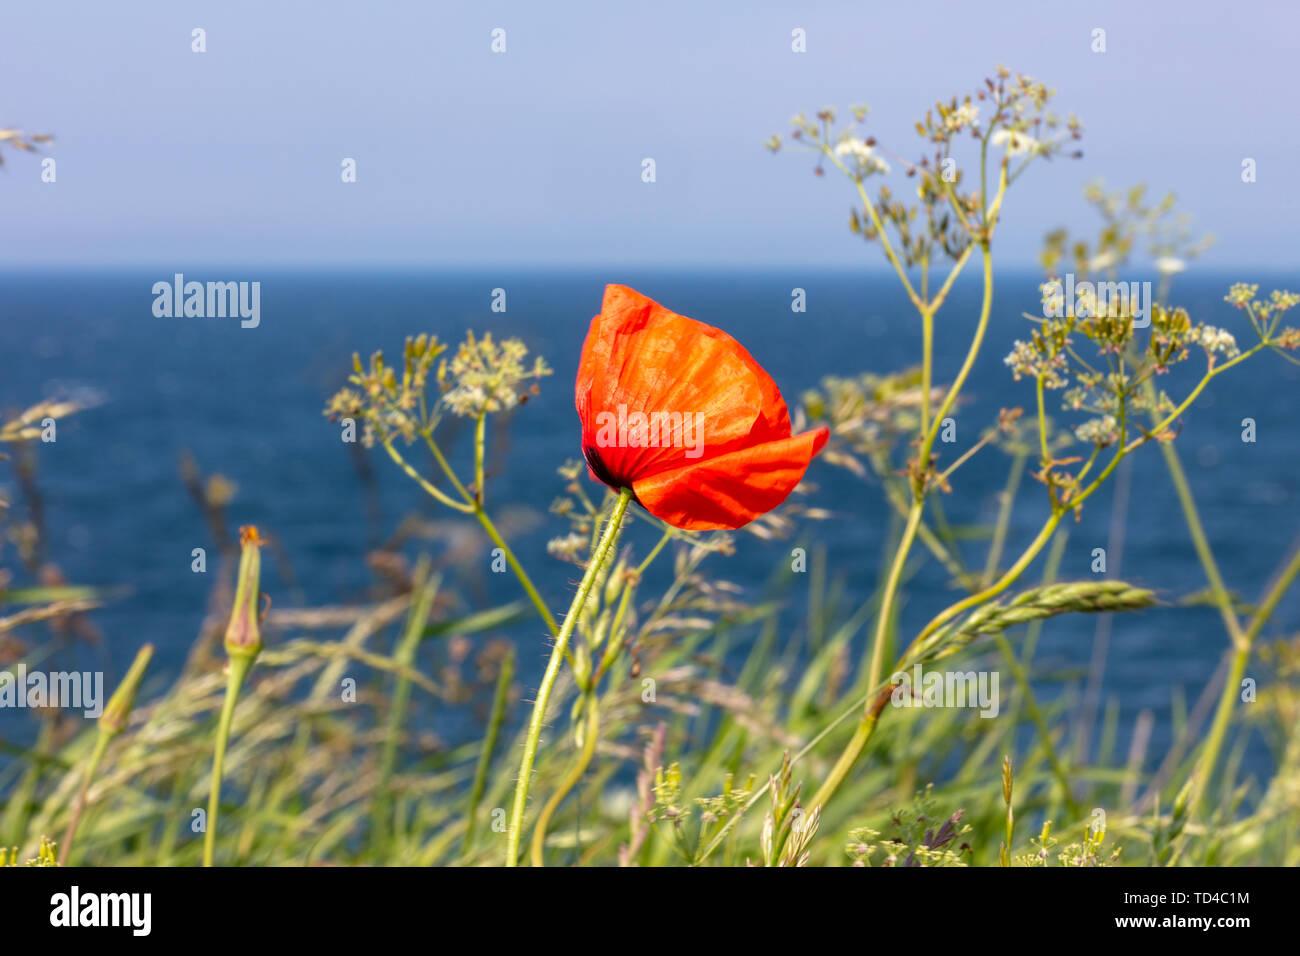 Ein roter Mohn steht an der Steilküste am Meer Stockfoto